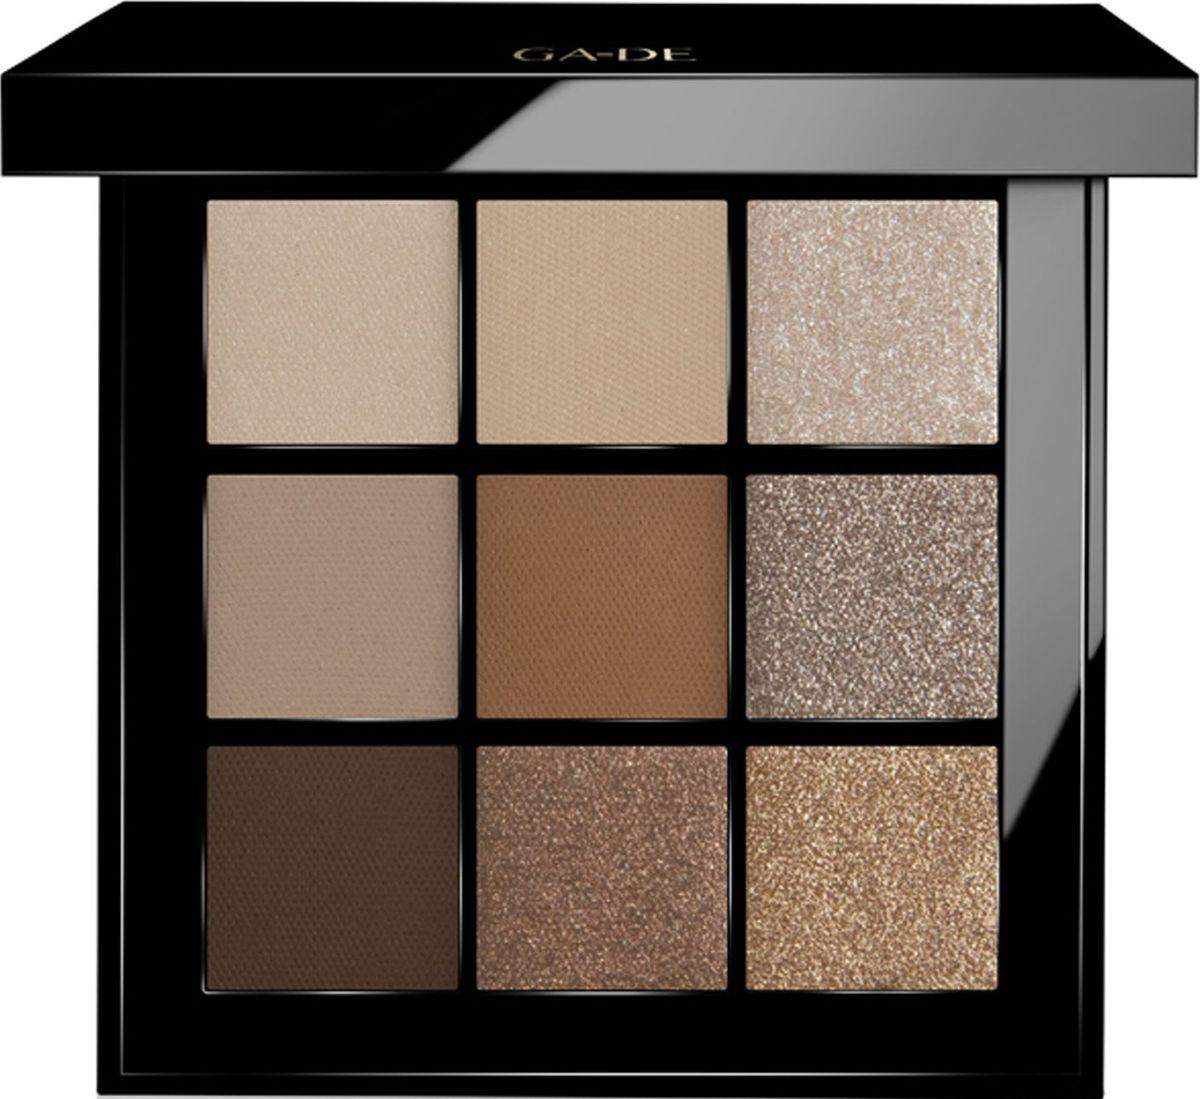 GA-DE Набор теней для век Velveteen, тон №47 Nude in the City, 8,1 г118800047GA-DE Velveteen Eyeshadow Palette – это сочетание 9 великолепных, экспертно подобранных оттенков для завораживающего макияжа глаз. Микродиспенсорная текстура теней позволяет выполнить макияж в различных вариациях : от мягкого, ежедневного Nude до глубокого, драматического Smoky или ультрамодного макияжа Metallic.Стильный, лаковый корпус с магнитным замочком, невероятно удобный формат для путешествий и ношения с собой. Velveteen Eyeshadow – ваш стильный выбор на каждый день!